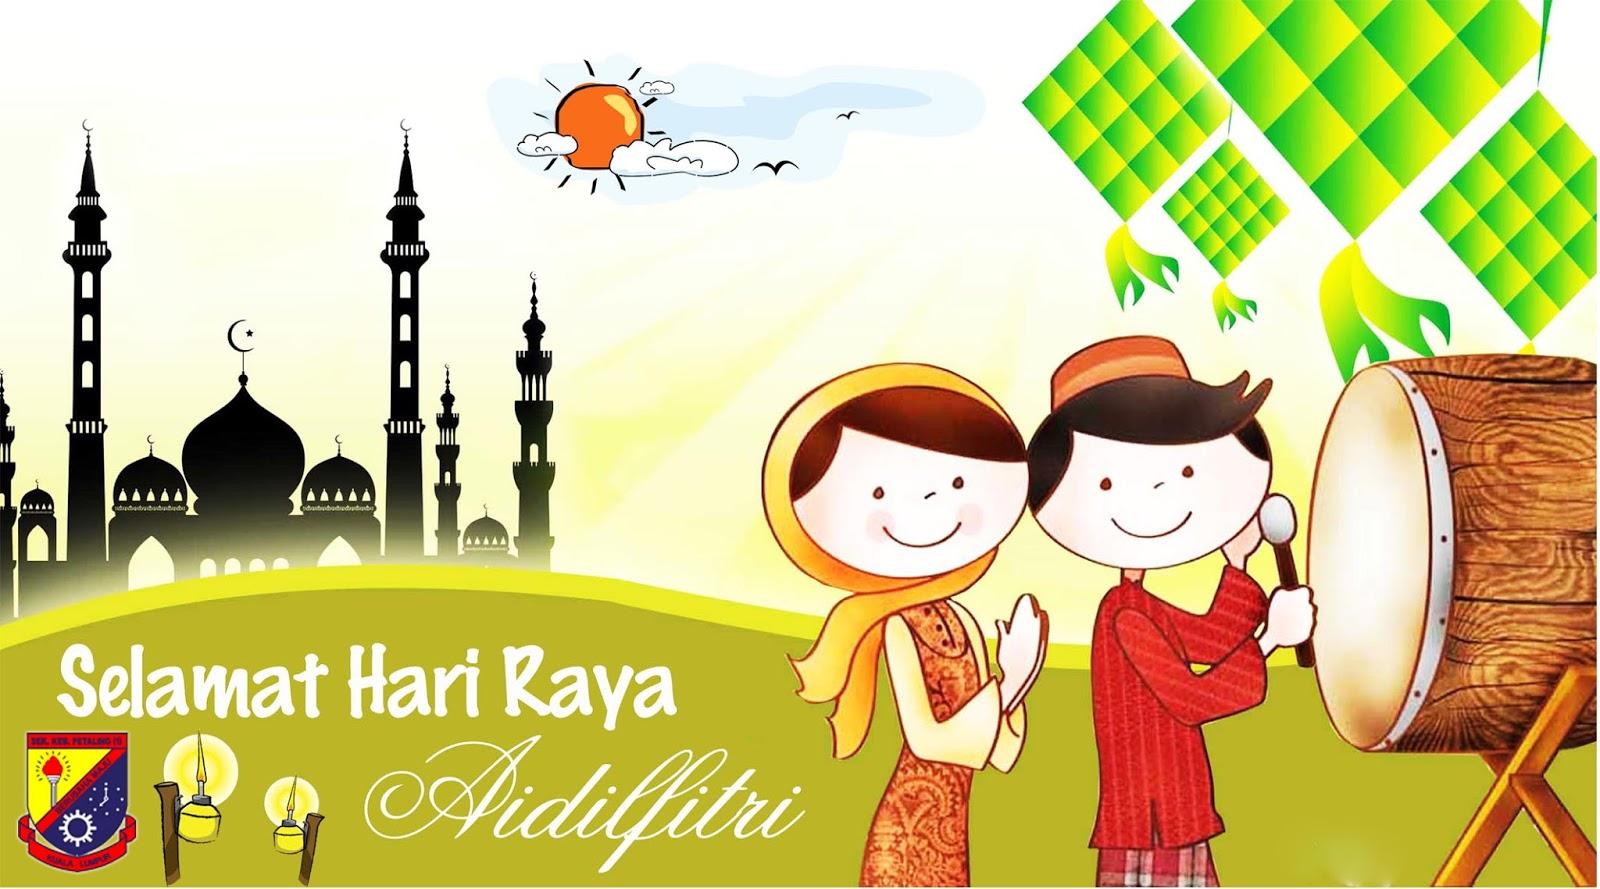 90 Gambar Kartun Perayaan Hari Raya Idul Fitri Lengkap Cikimm Com